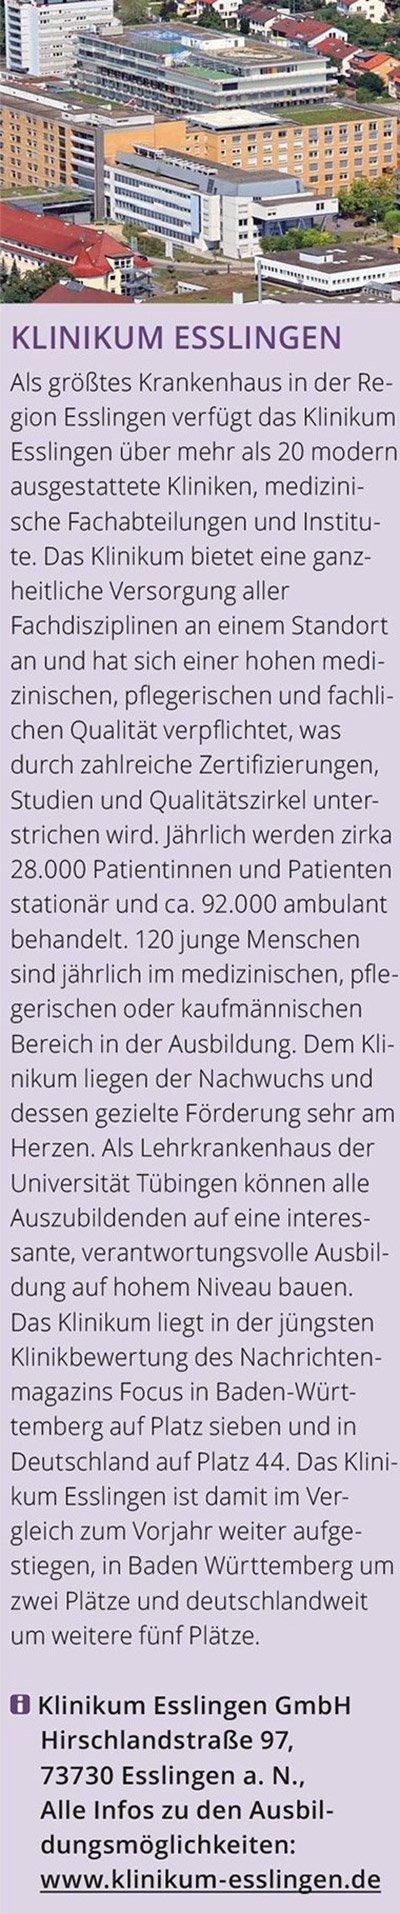 Anzeige Klinikum Esslingen info